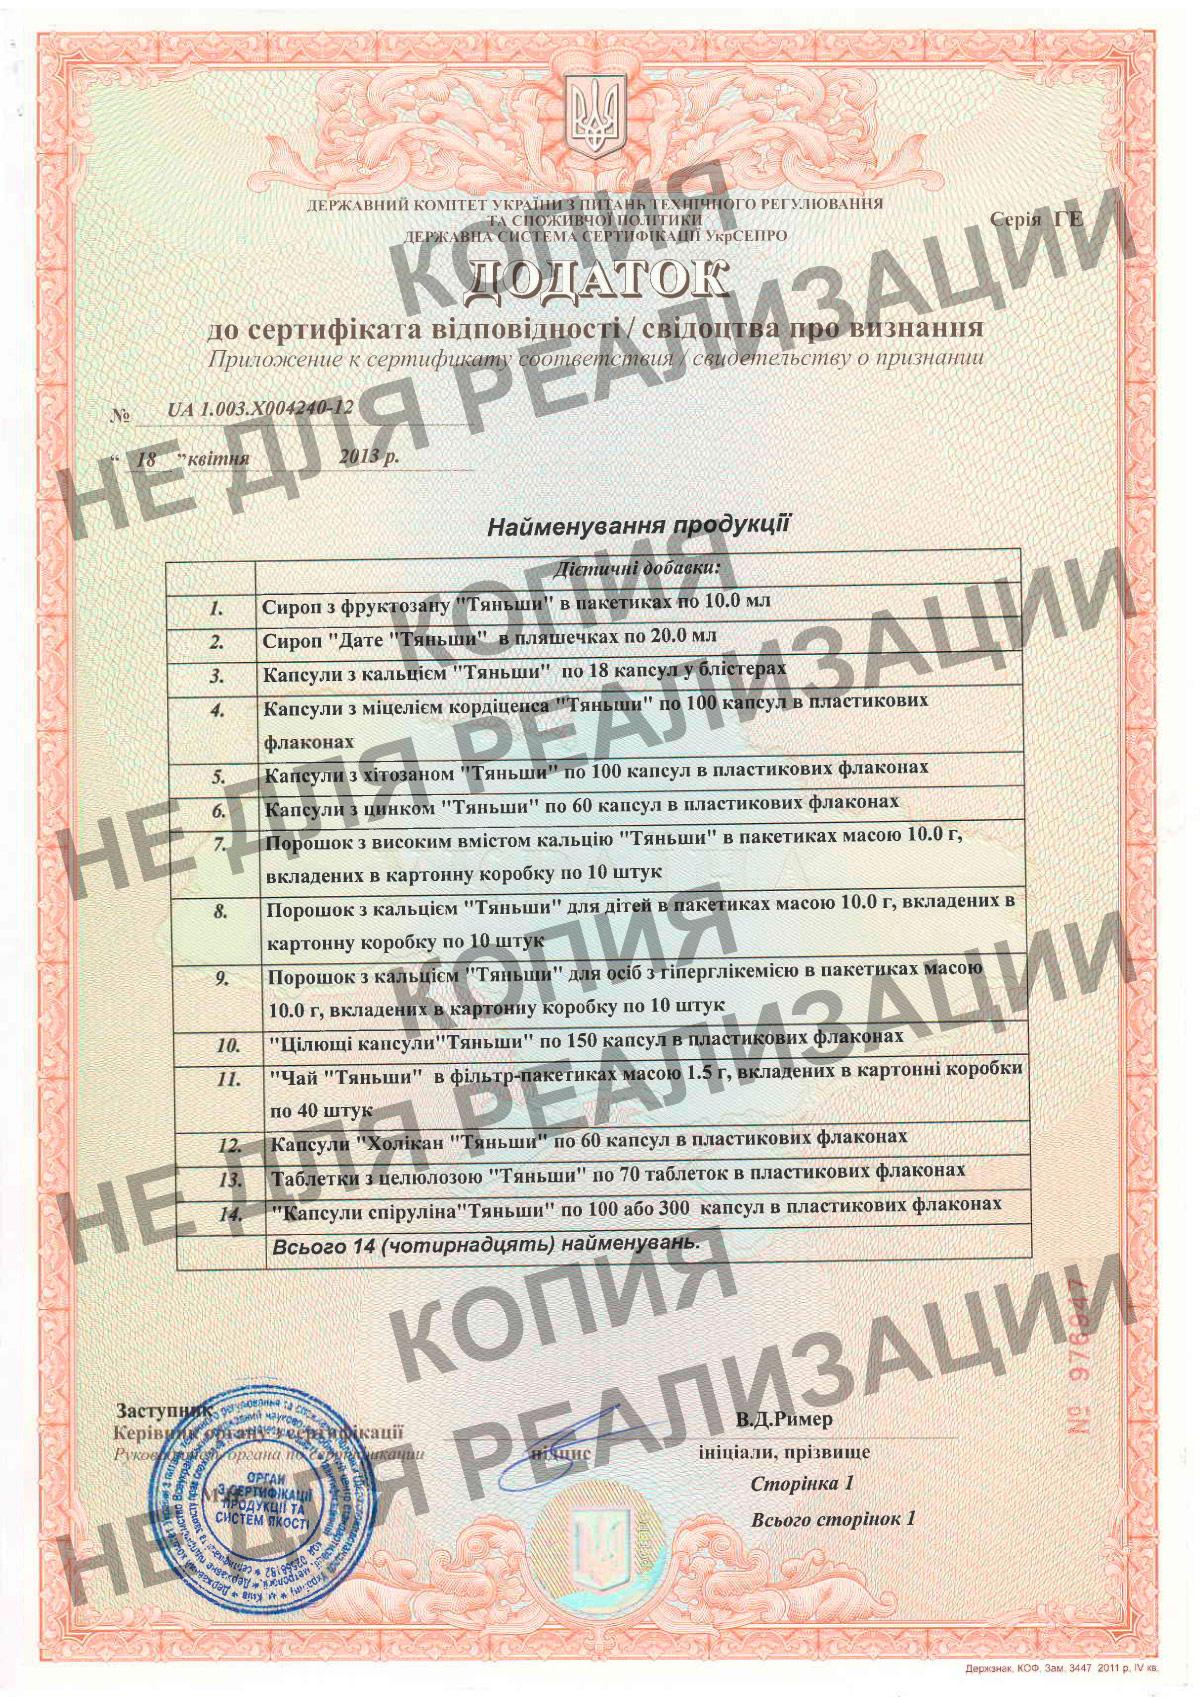 сертификат на продукцию тяньши,сертификат тяньши,тяньши в украине,тяньши в киеве, высновок сес,tiens ukrain,tiens